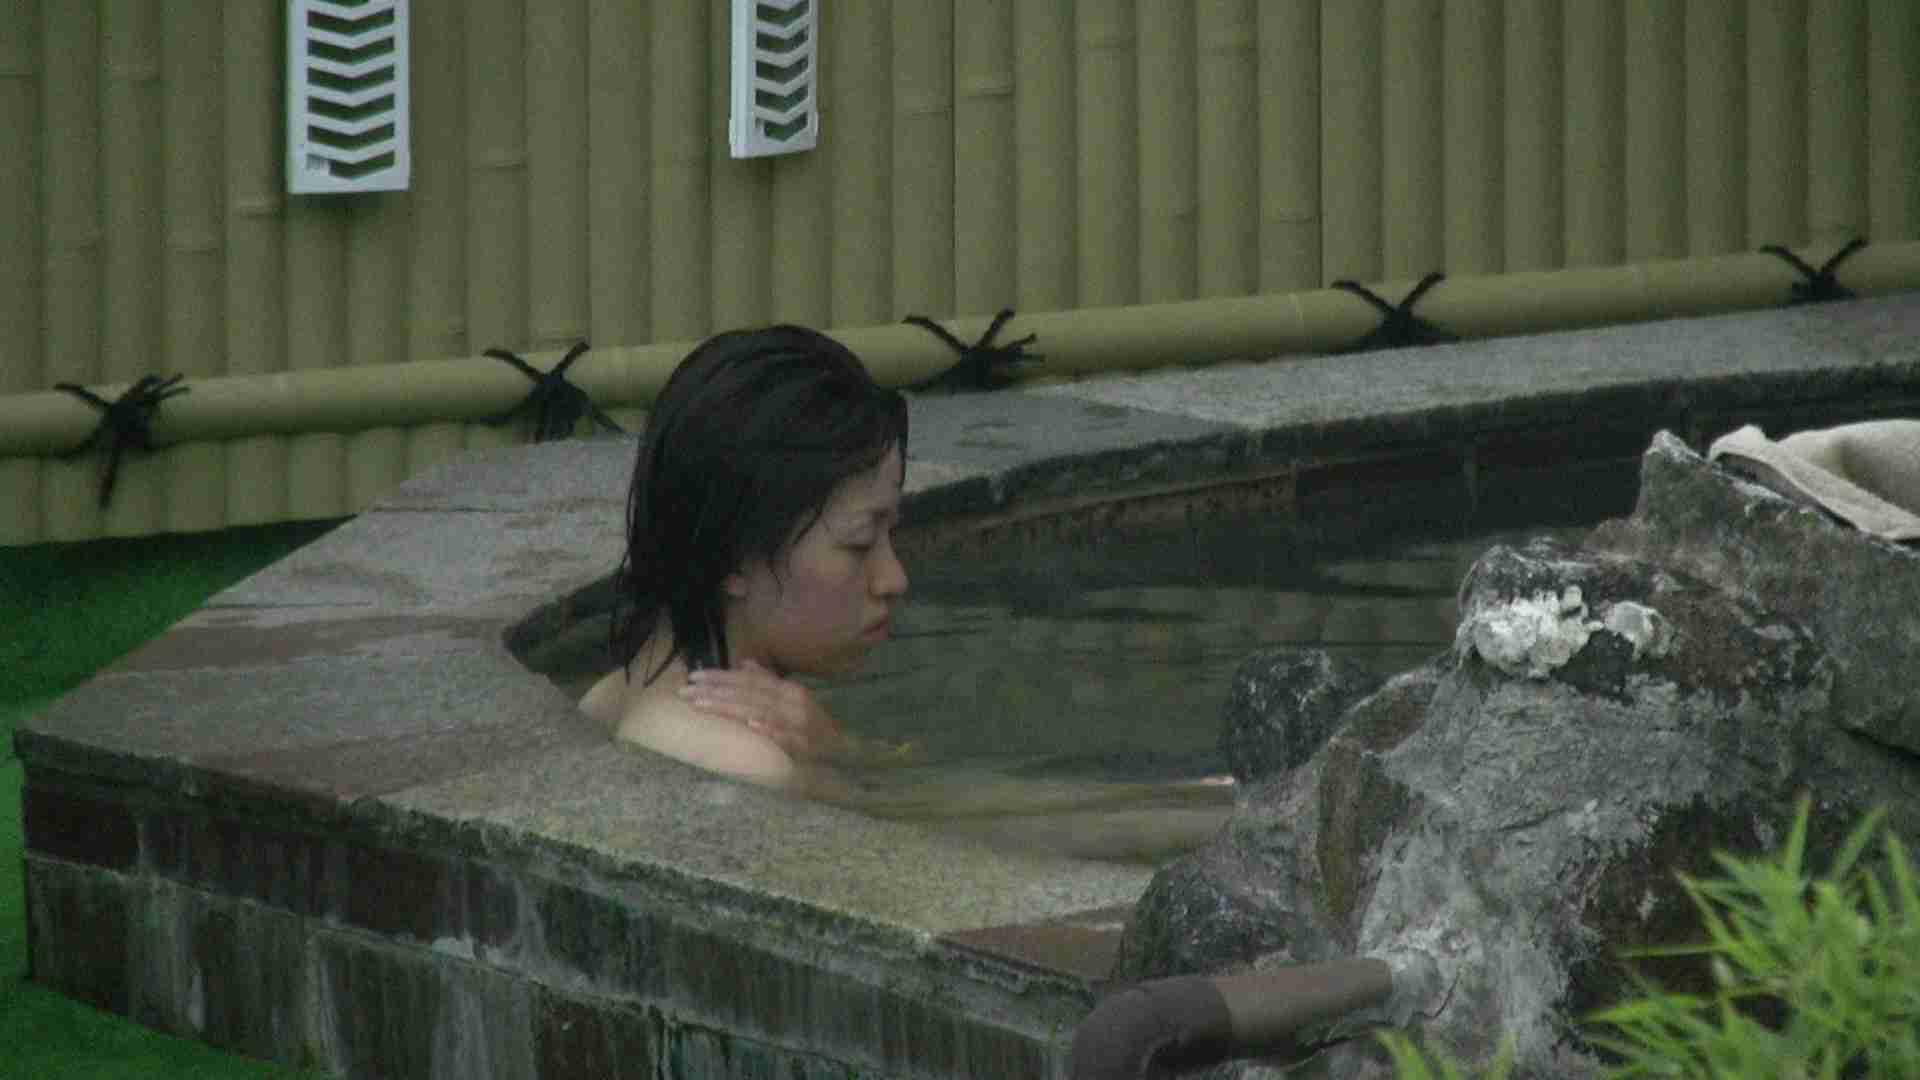 Aquaな露天風呂Vol.170 露天 ヌード画像 54画像 8